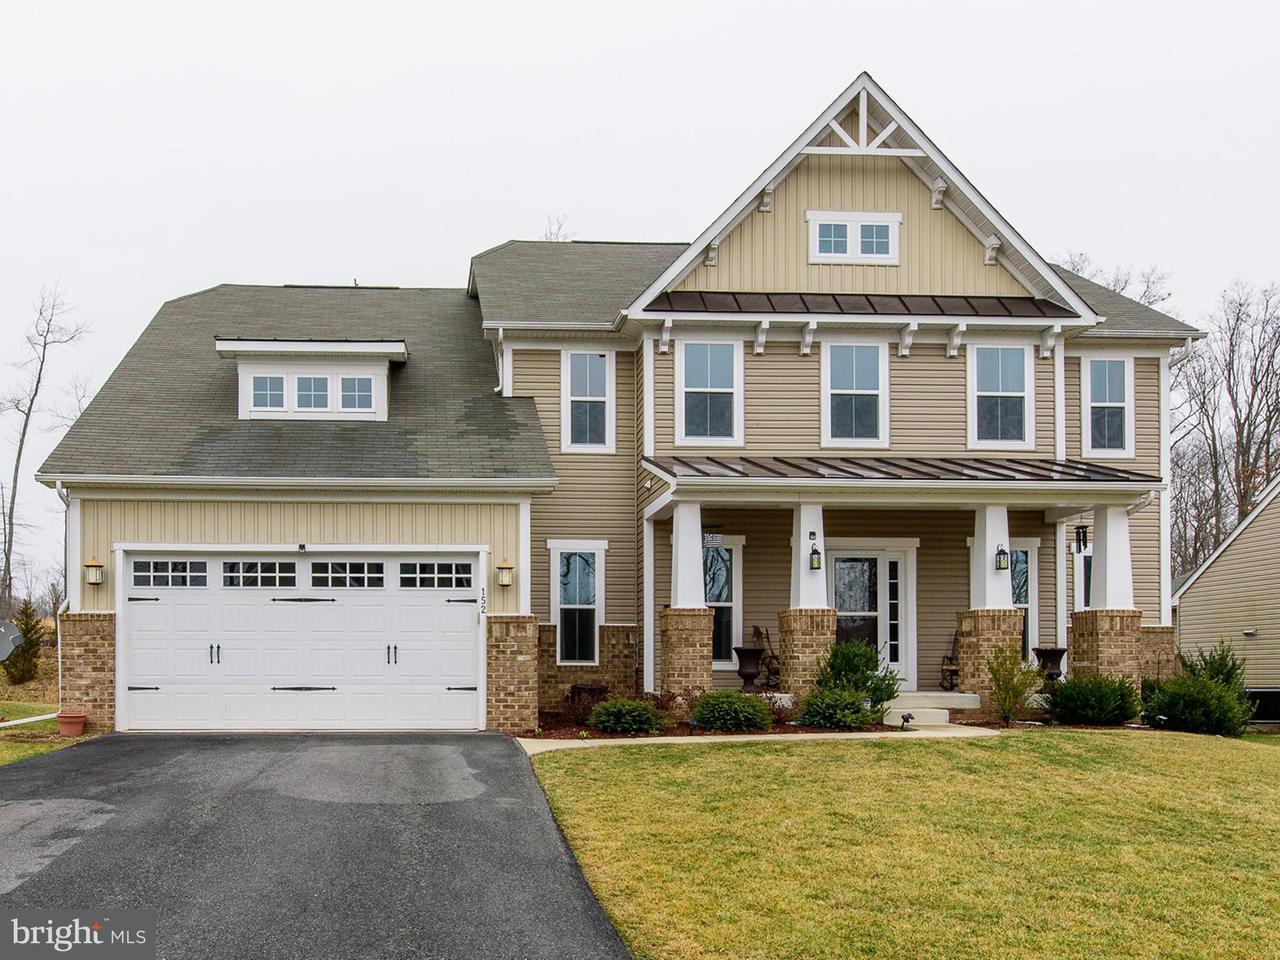 Vivienda unifamiliar por un Venta en 152 Cool Springs Road 152 Cool Springs Road North East, Maryland 21901 Estados Unidos